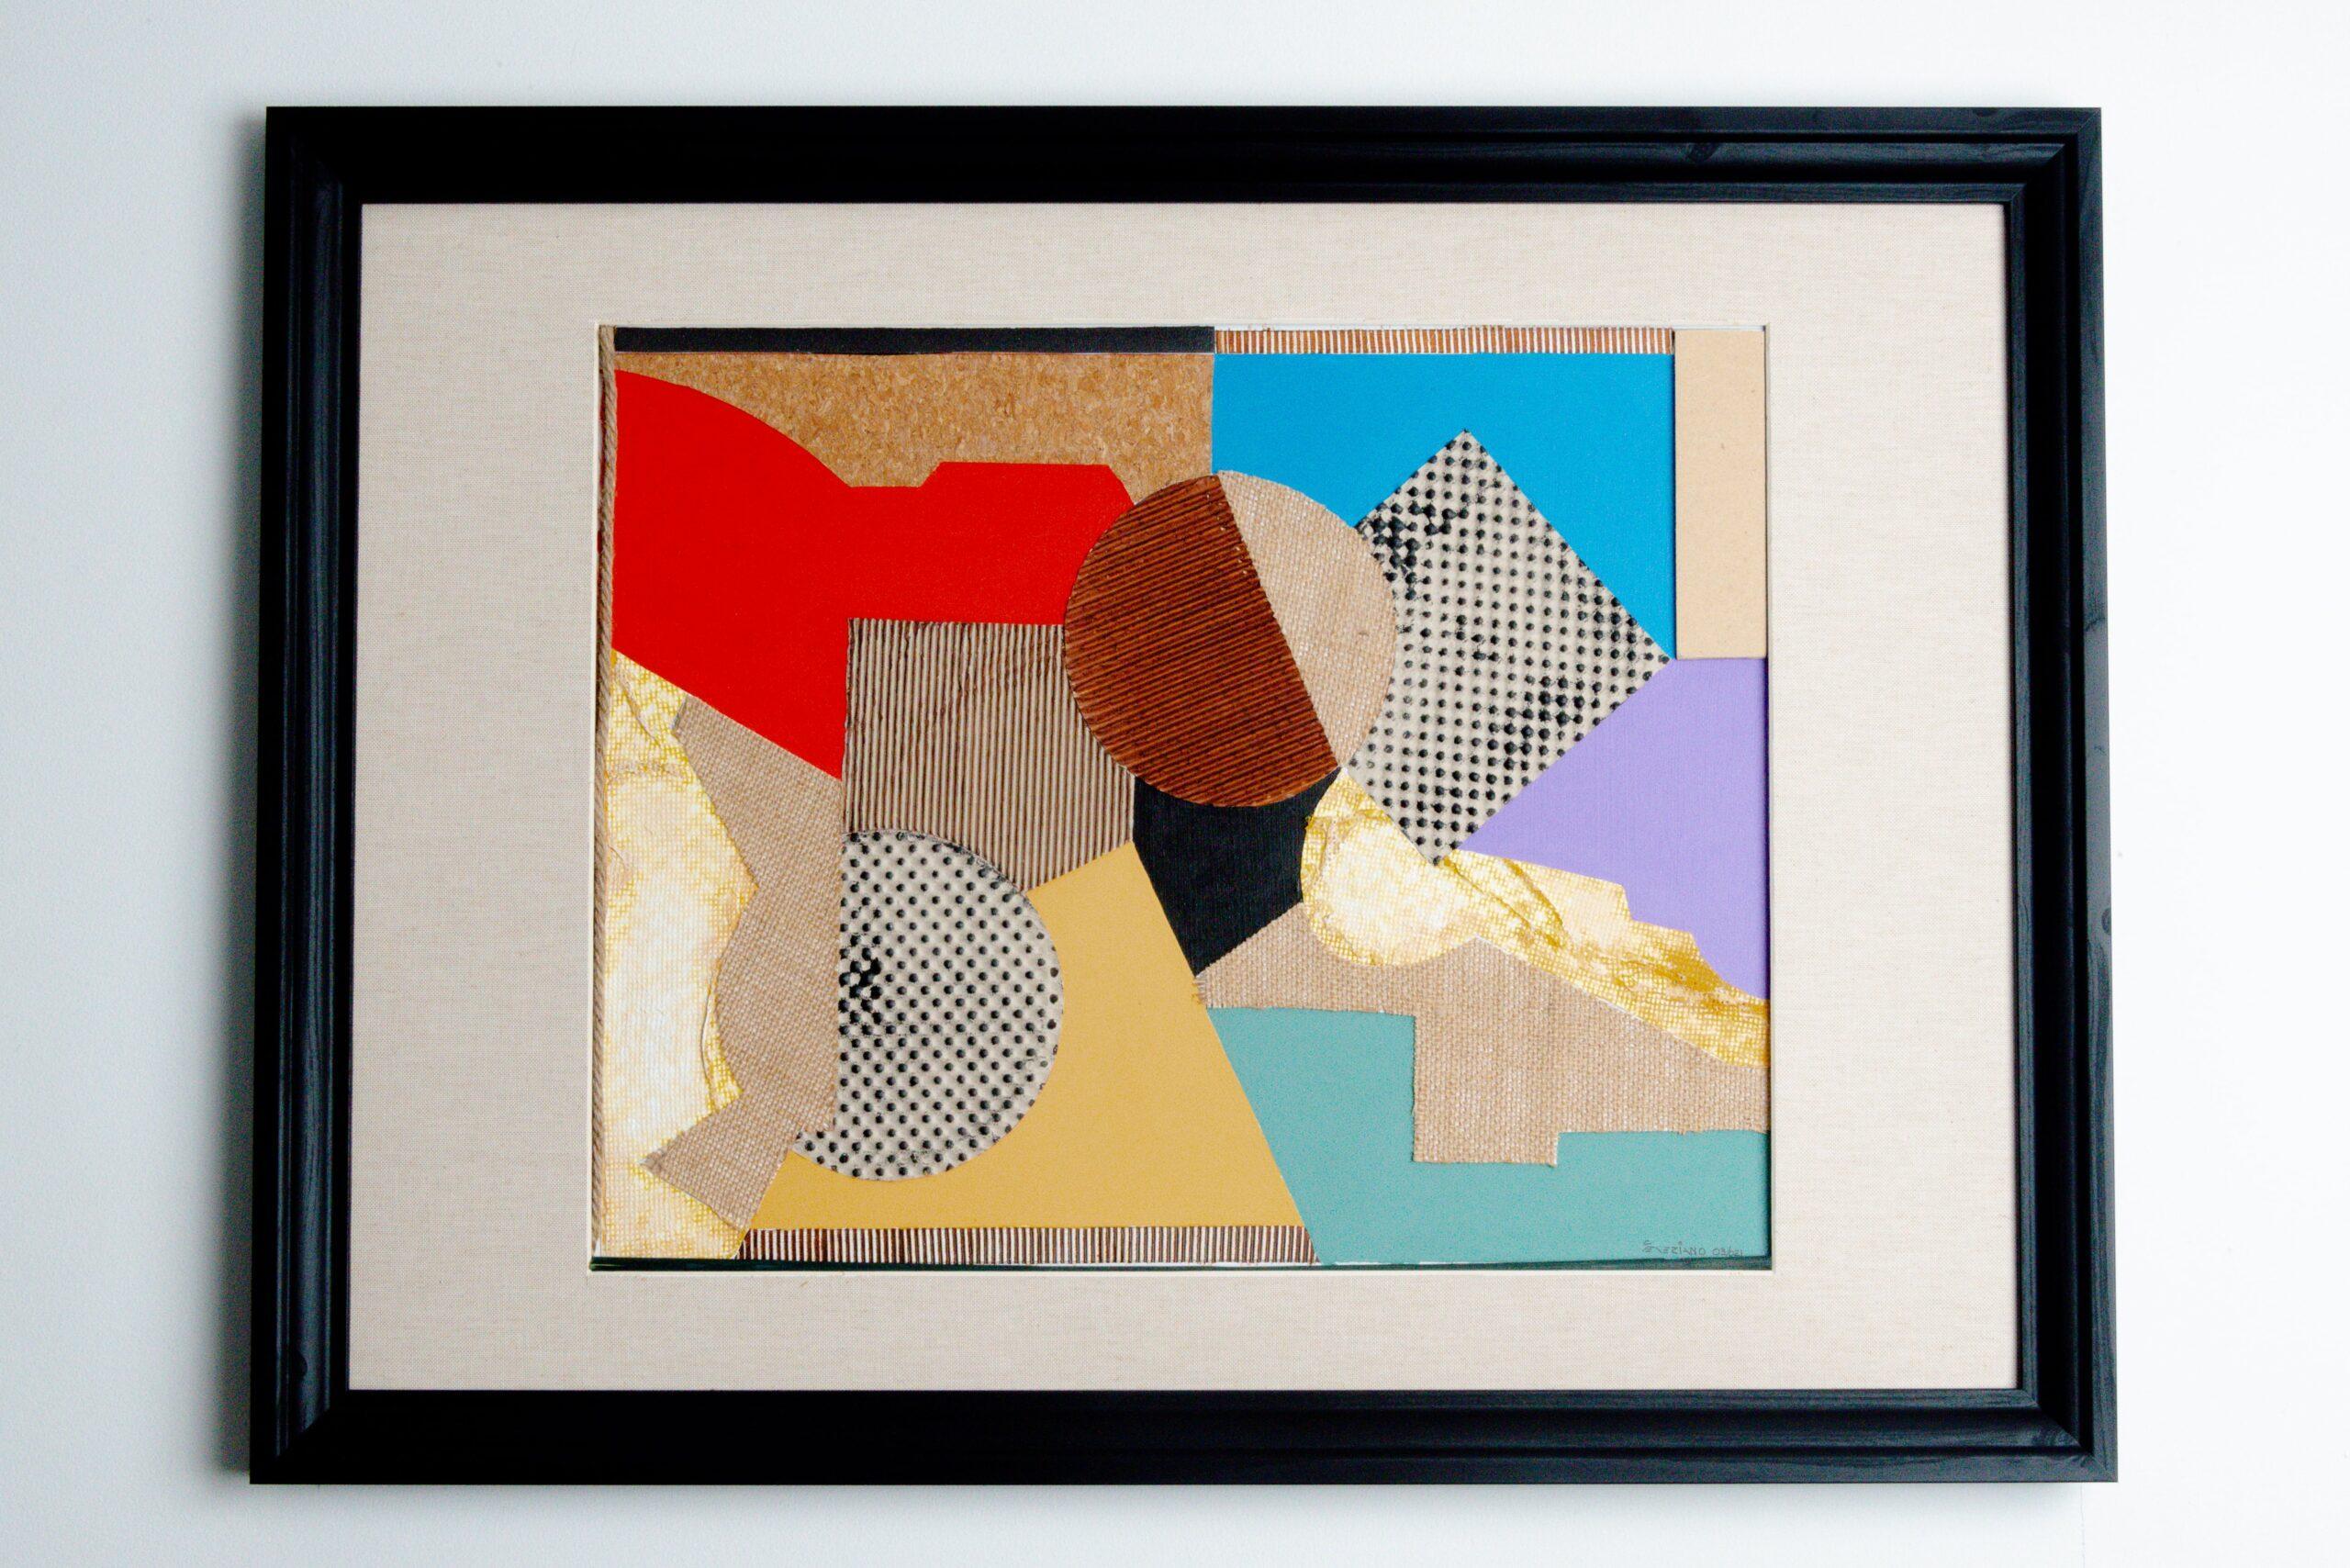 Obras de Arte e Quadros de José Severiano Festejos